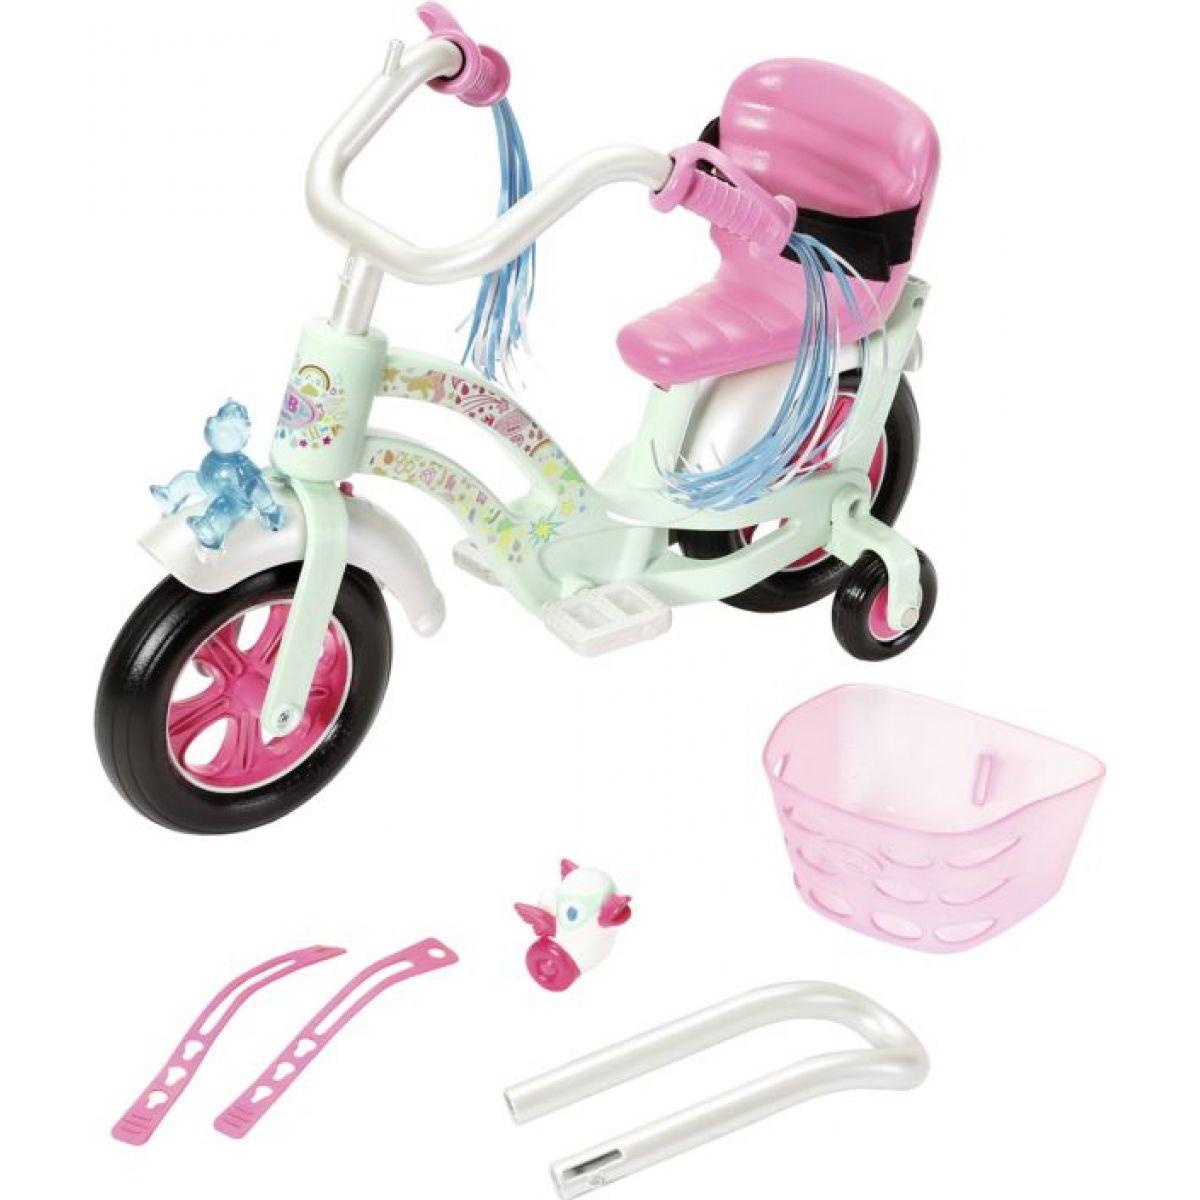 Baby born ® Bicykel pre bábiku